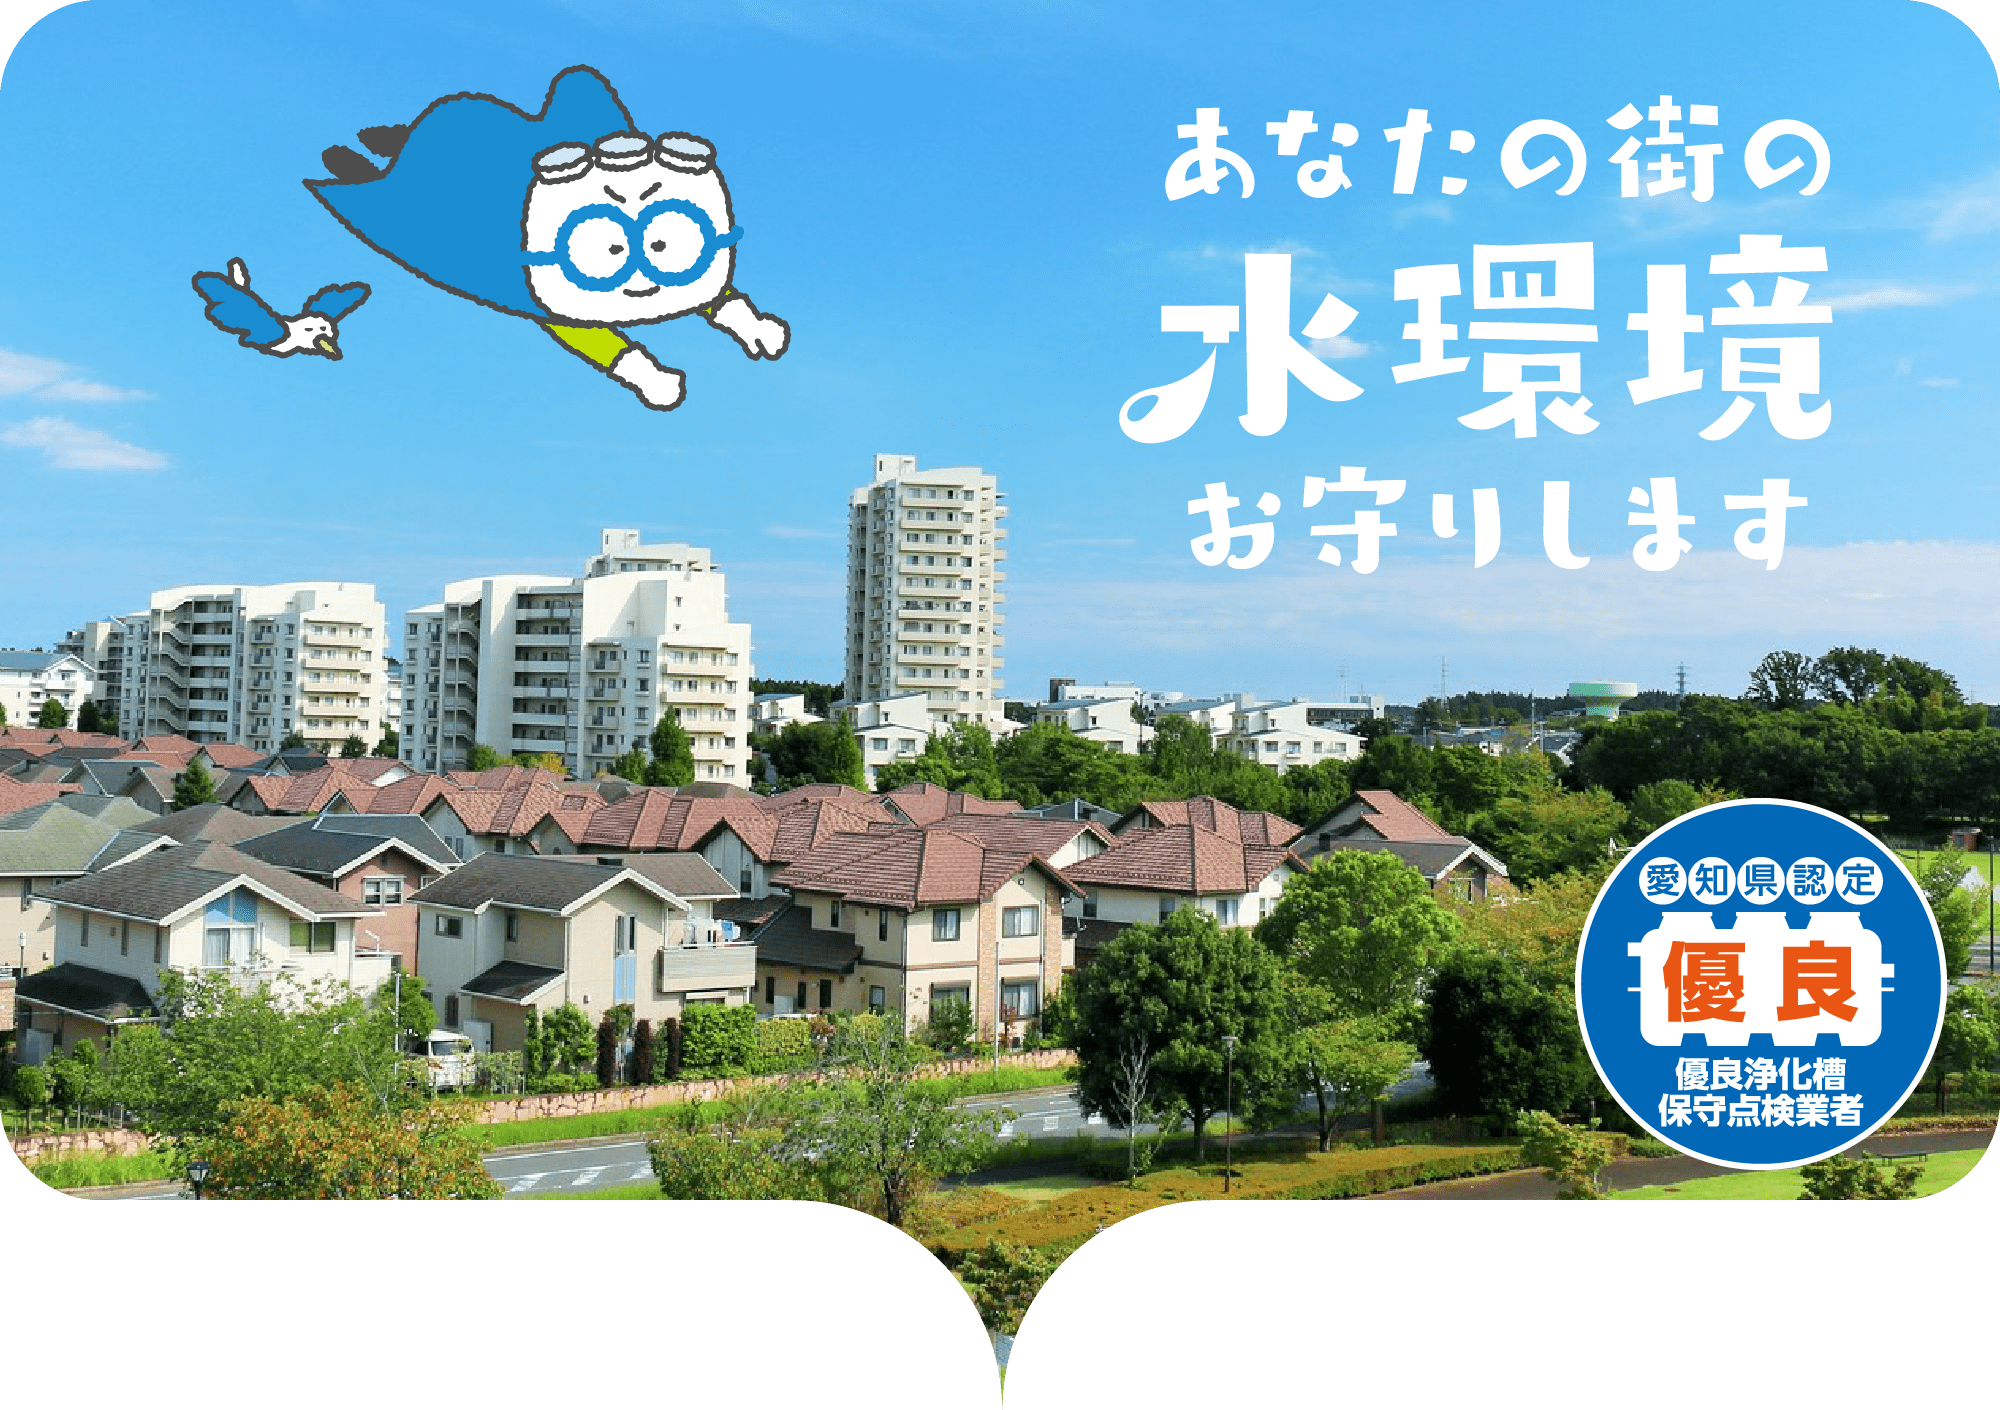 あなたの街の水環境をお守りします